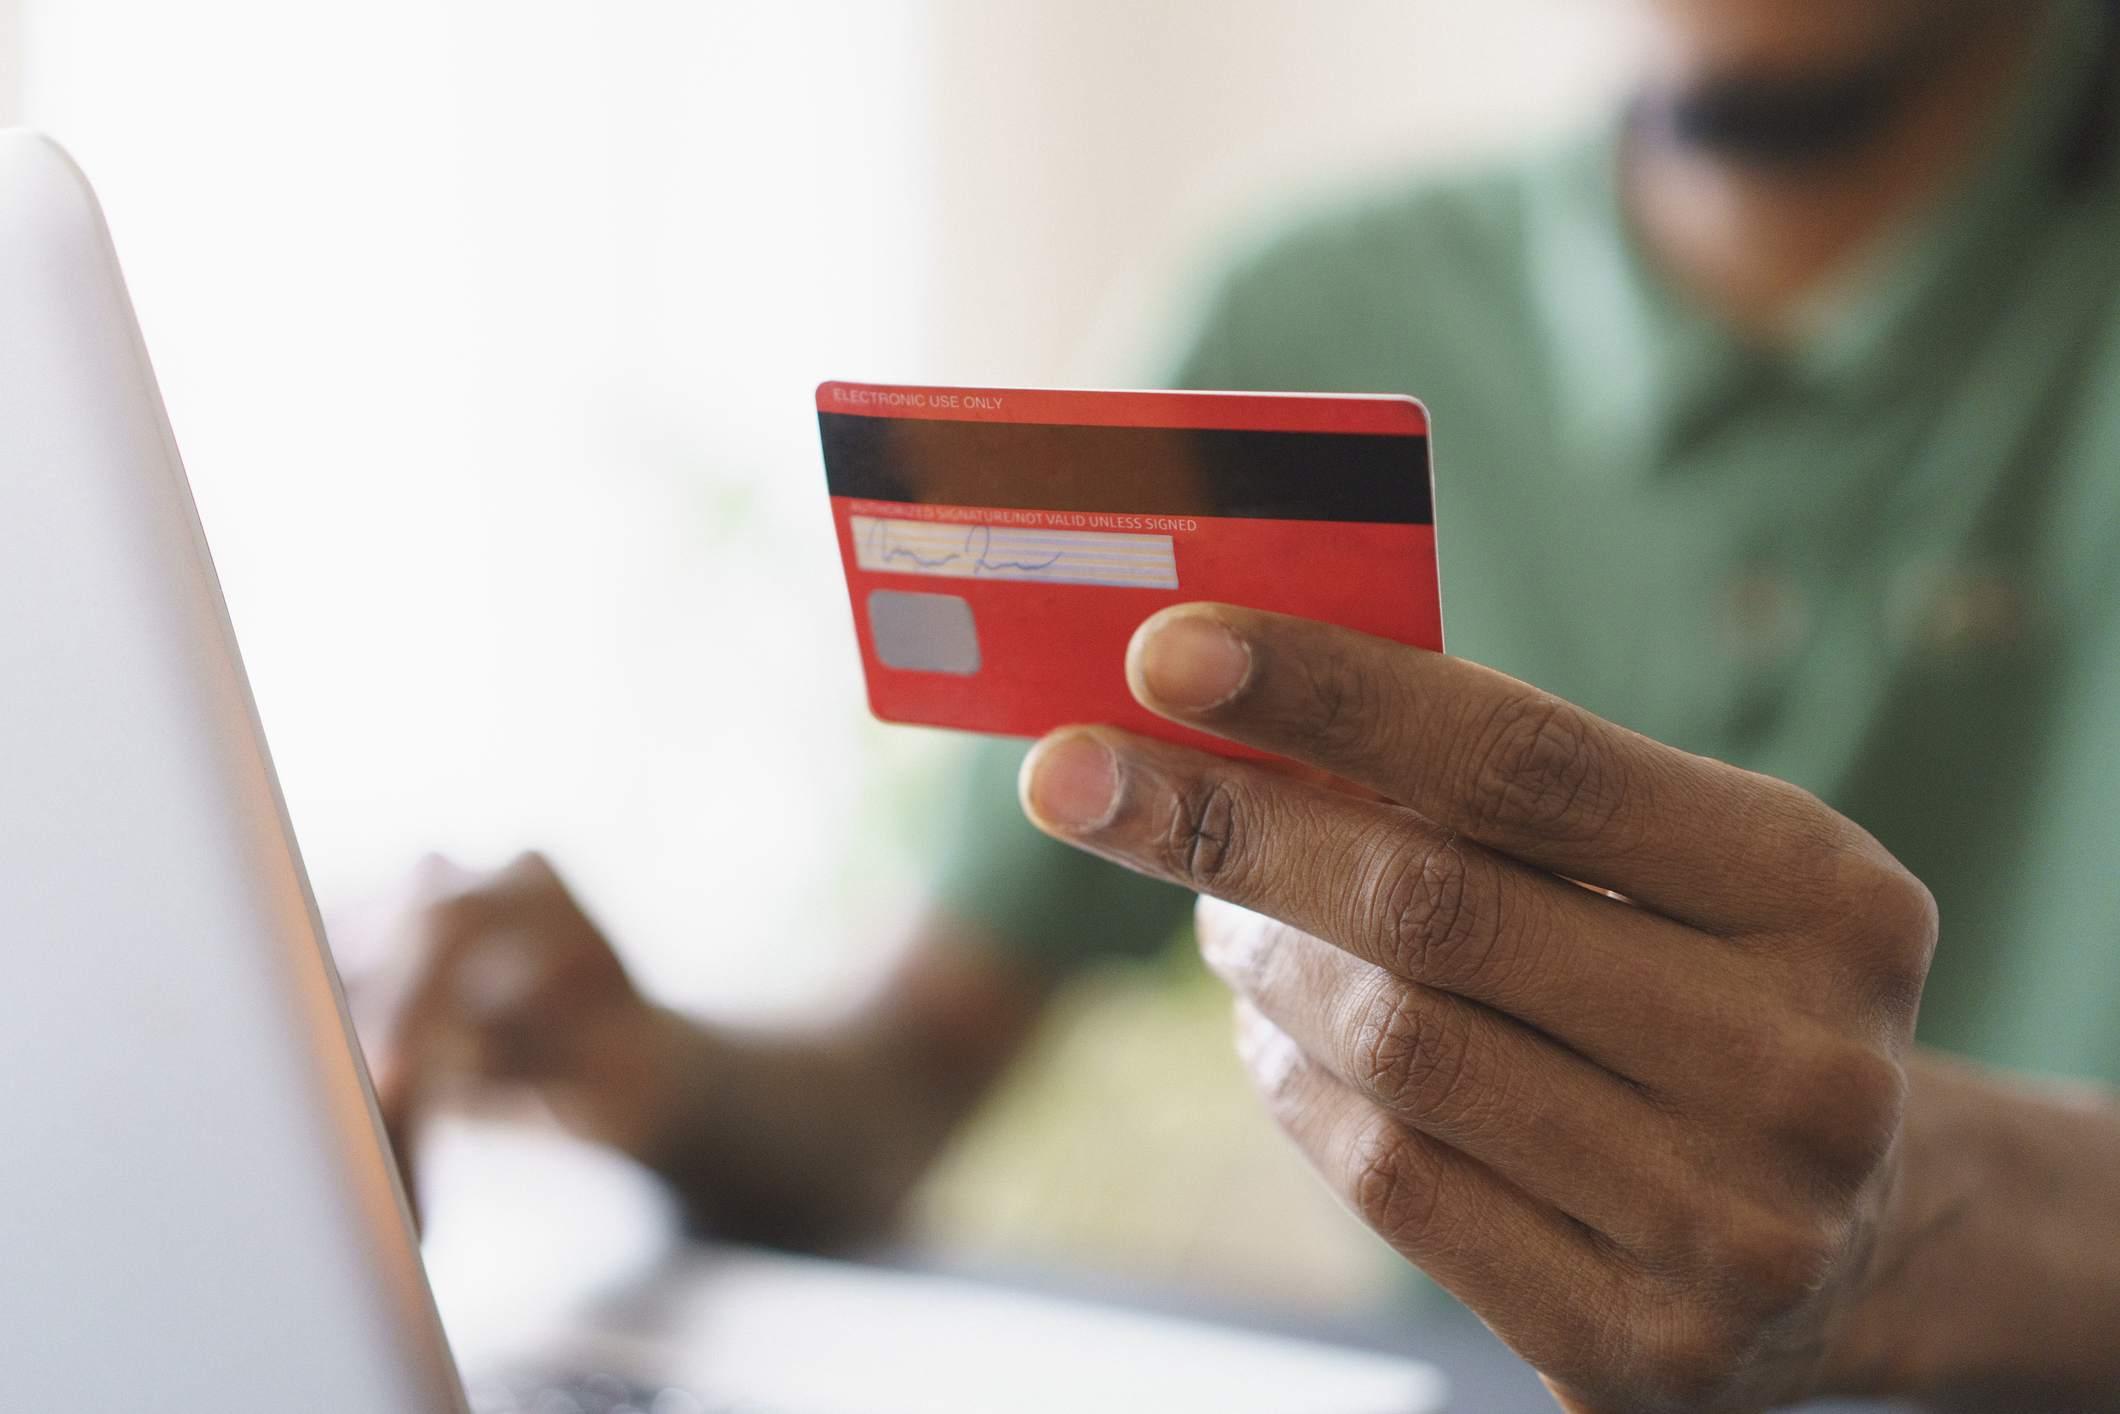 كيف تحصل على بطاقة ائتمان في امريكا